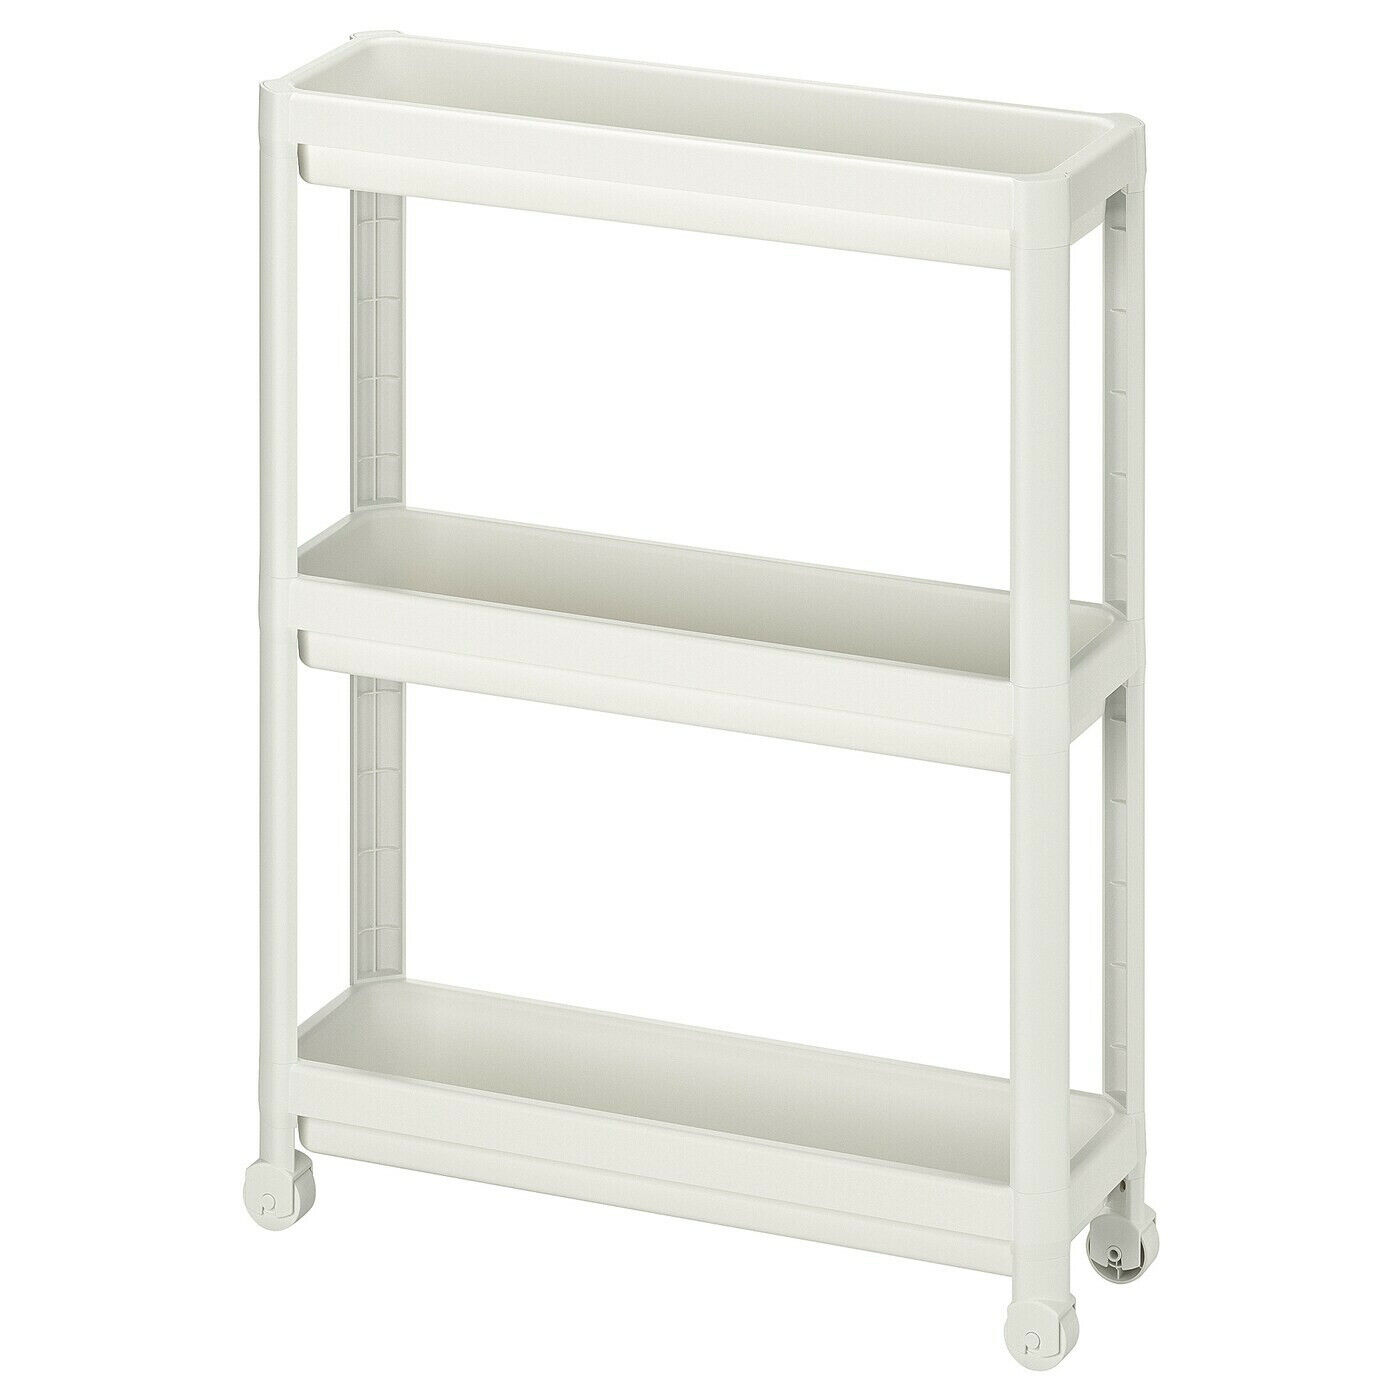 BRODER REGAL IKEA REGALBODEN 901.201.40 79x36.5 cm EUR 22